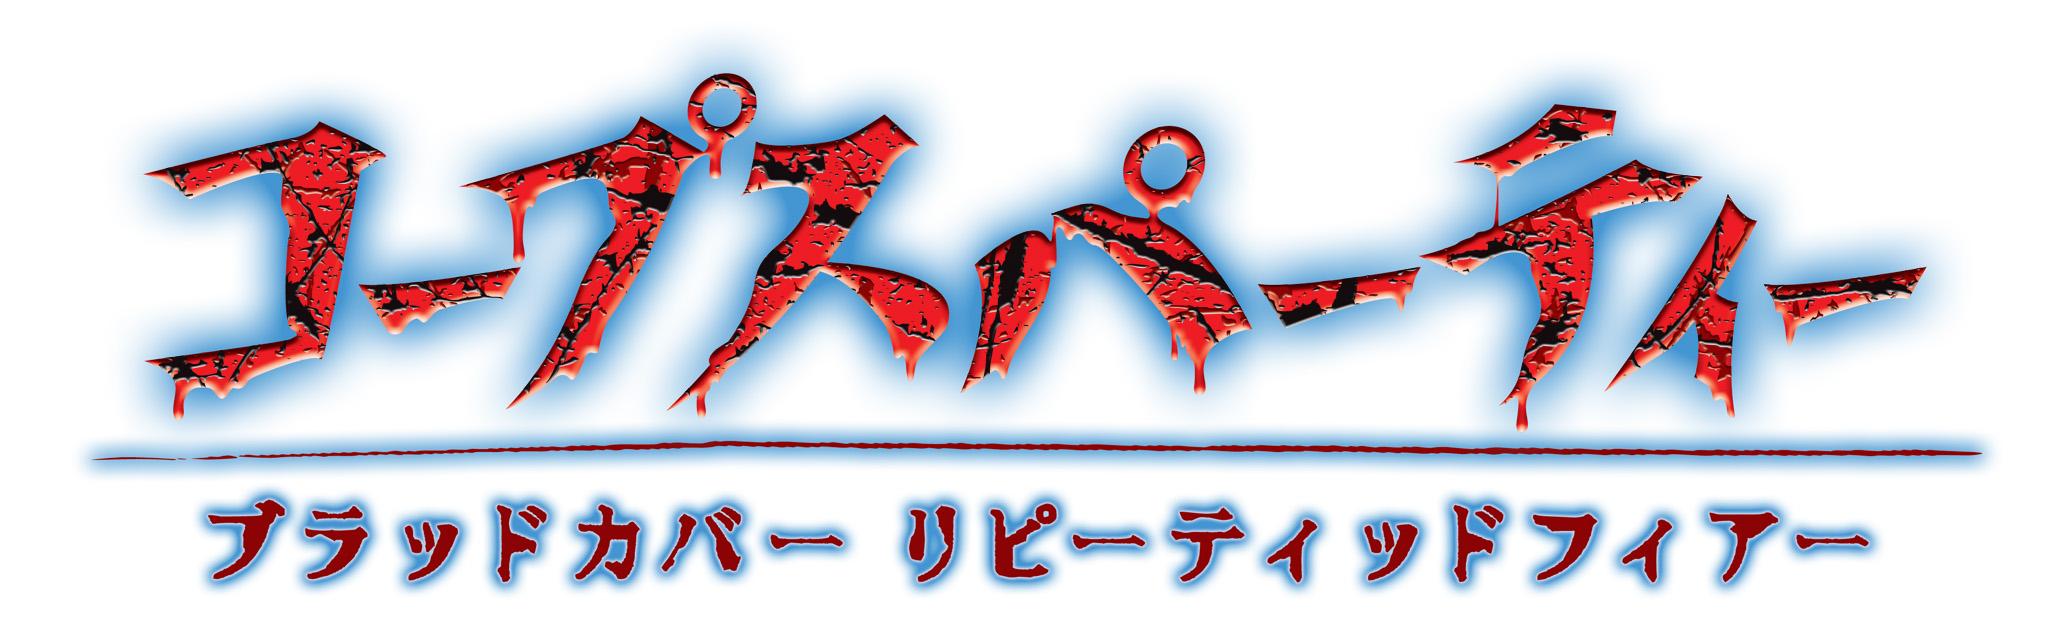 『コープスパーティー ブラッドカバー リピーティッドフィアー』』(PSP®用ソフト)8月5日発売予定!_e0025035_081539.jpg